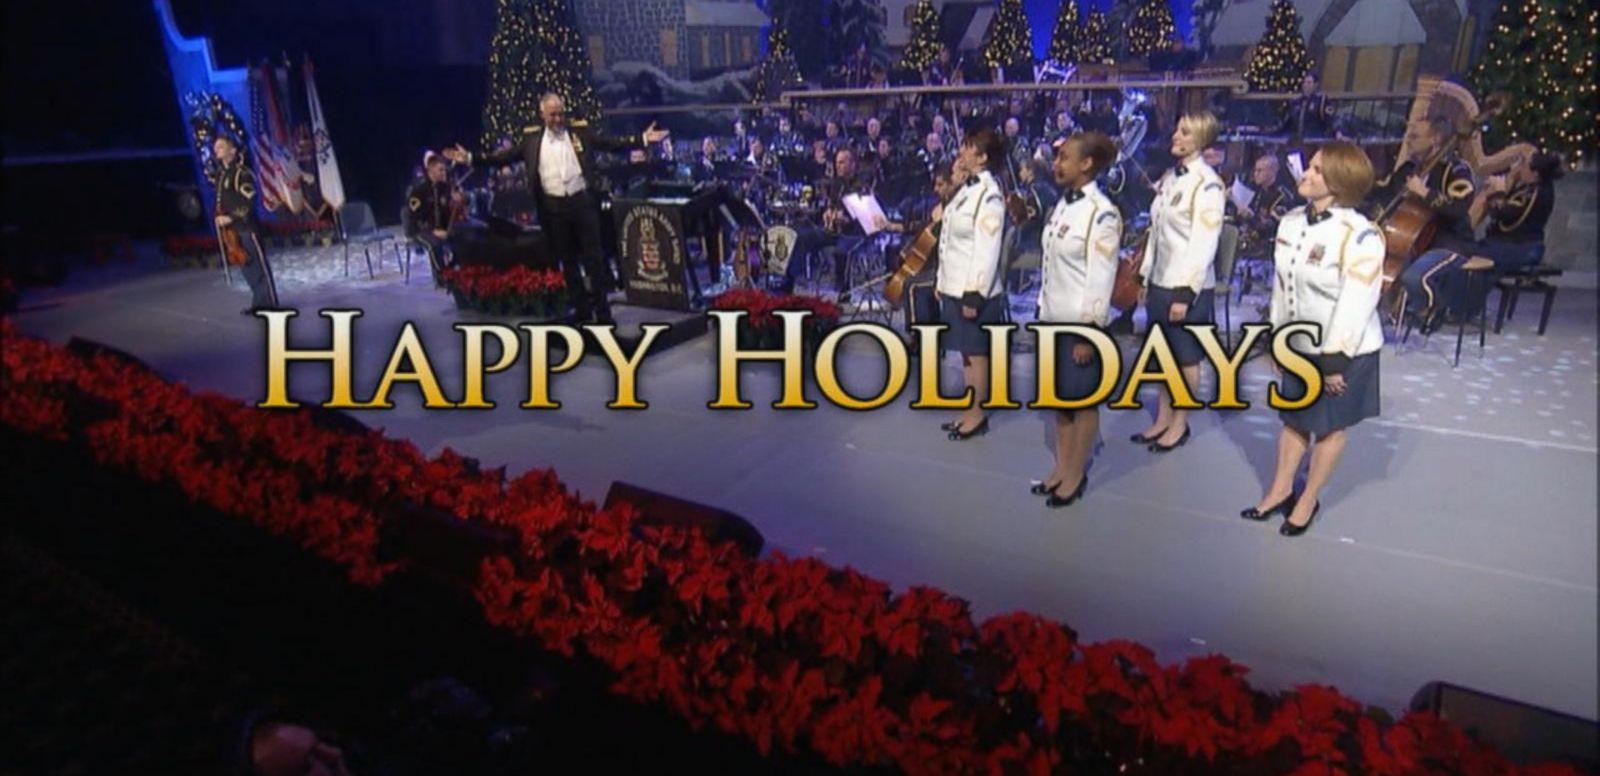 VIDEO: 'This Week' Holiday Greetings 2014